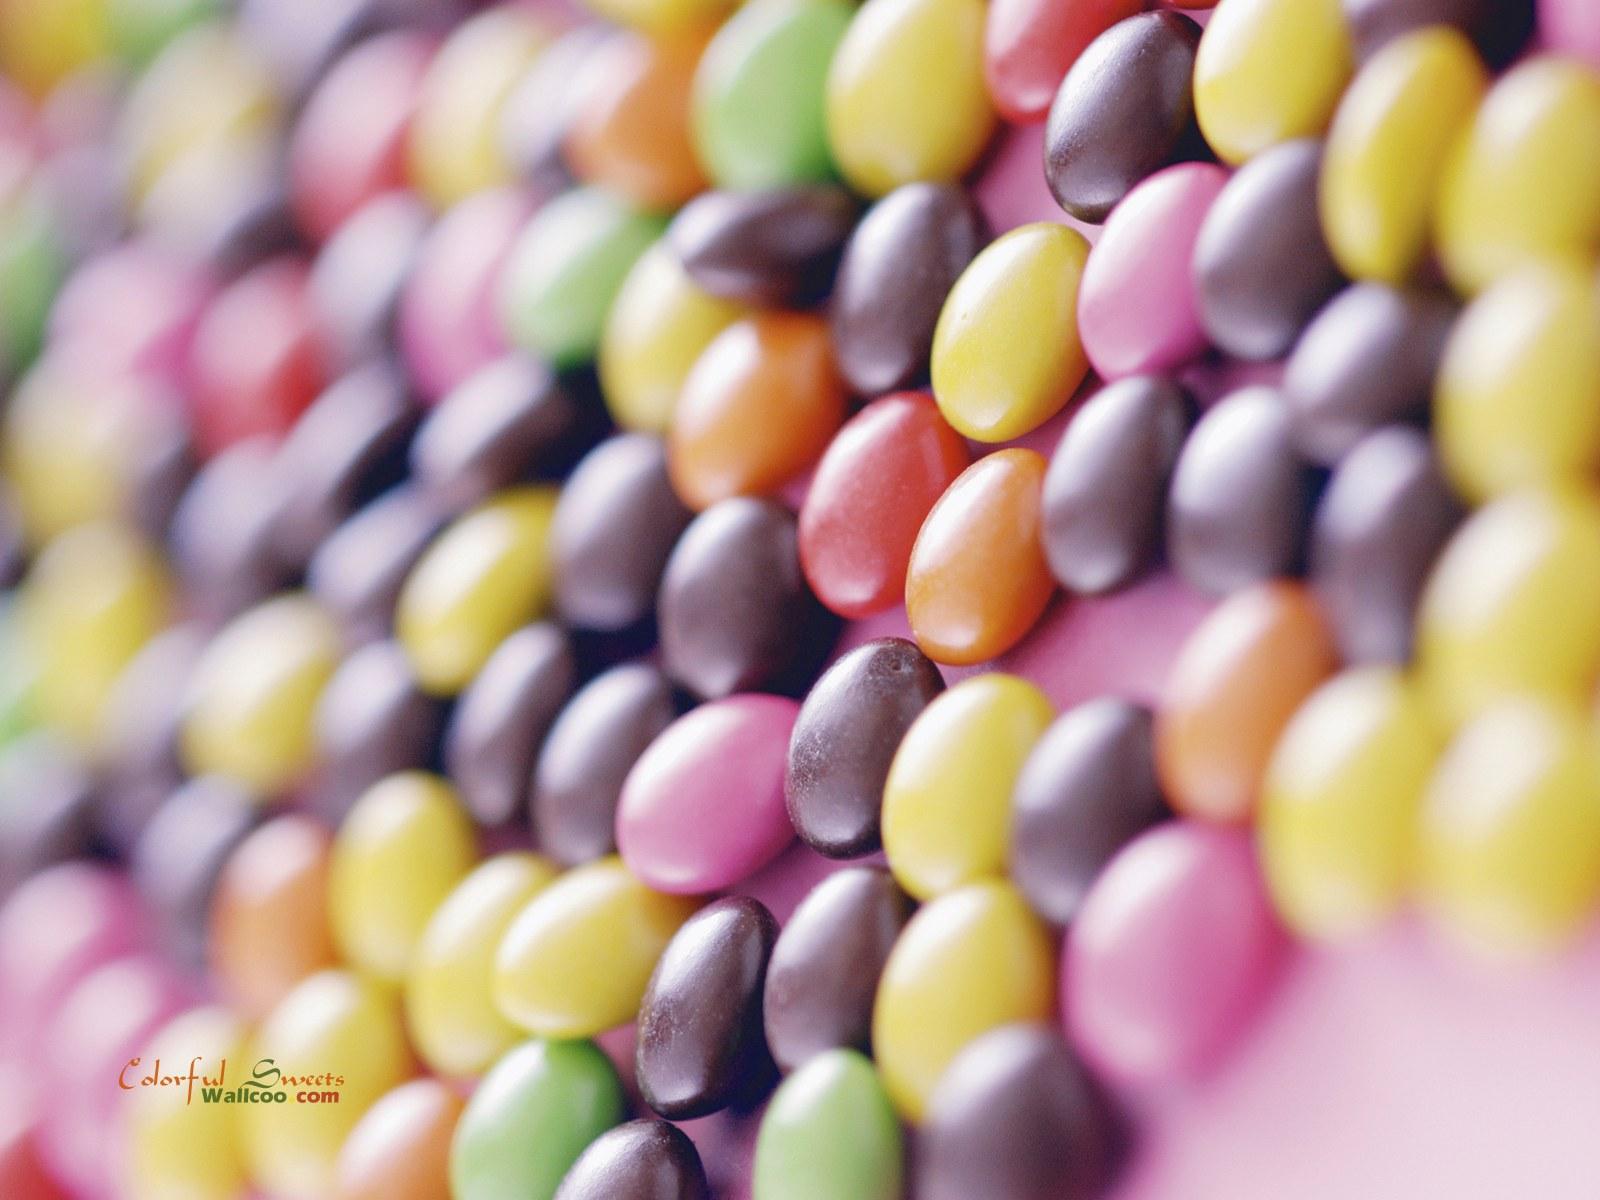 非常可爱的缤纷糖果高清背景图片素材2(25p)